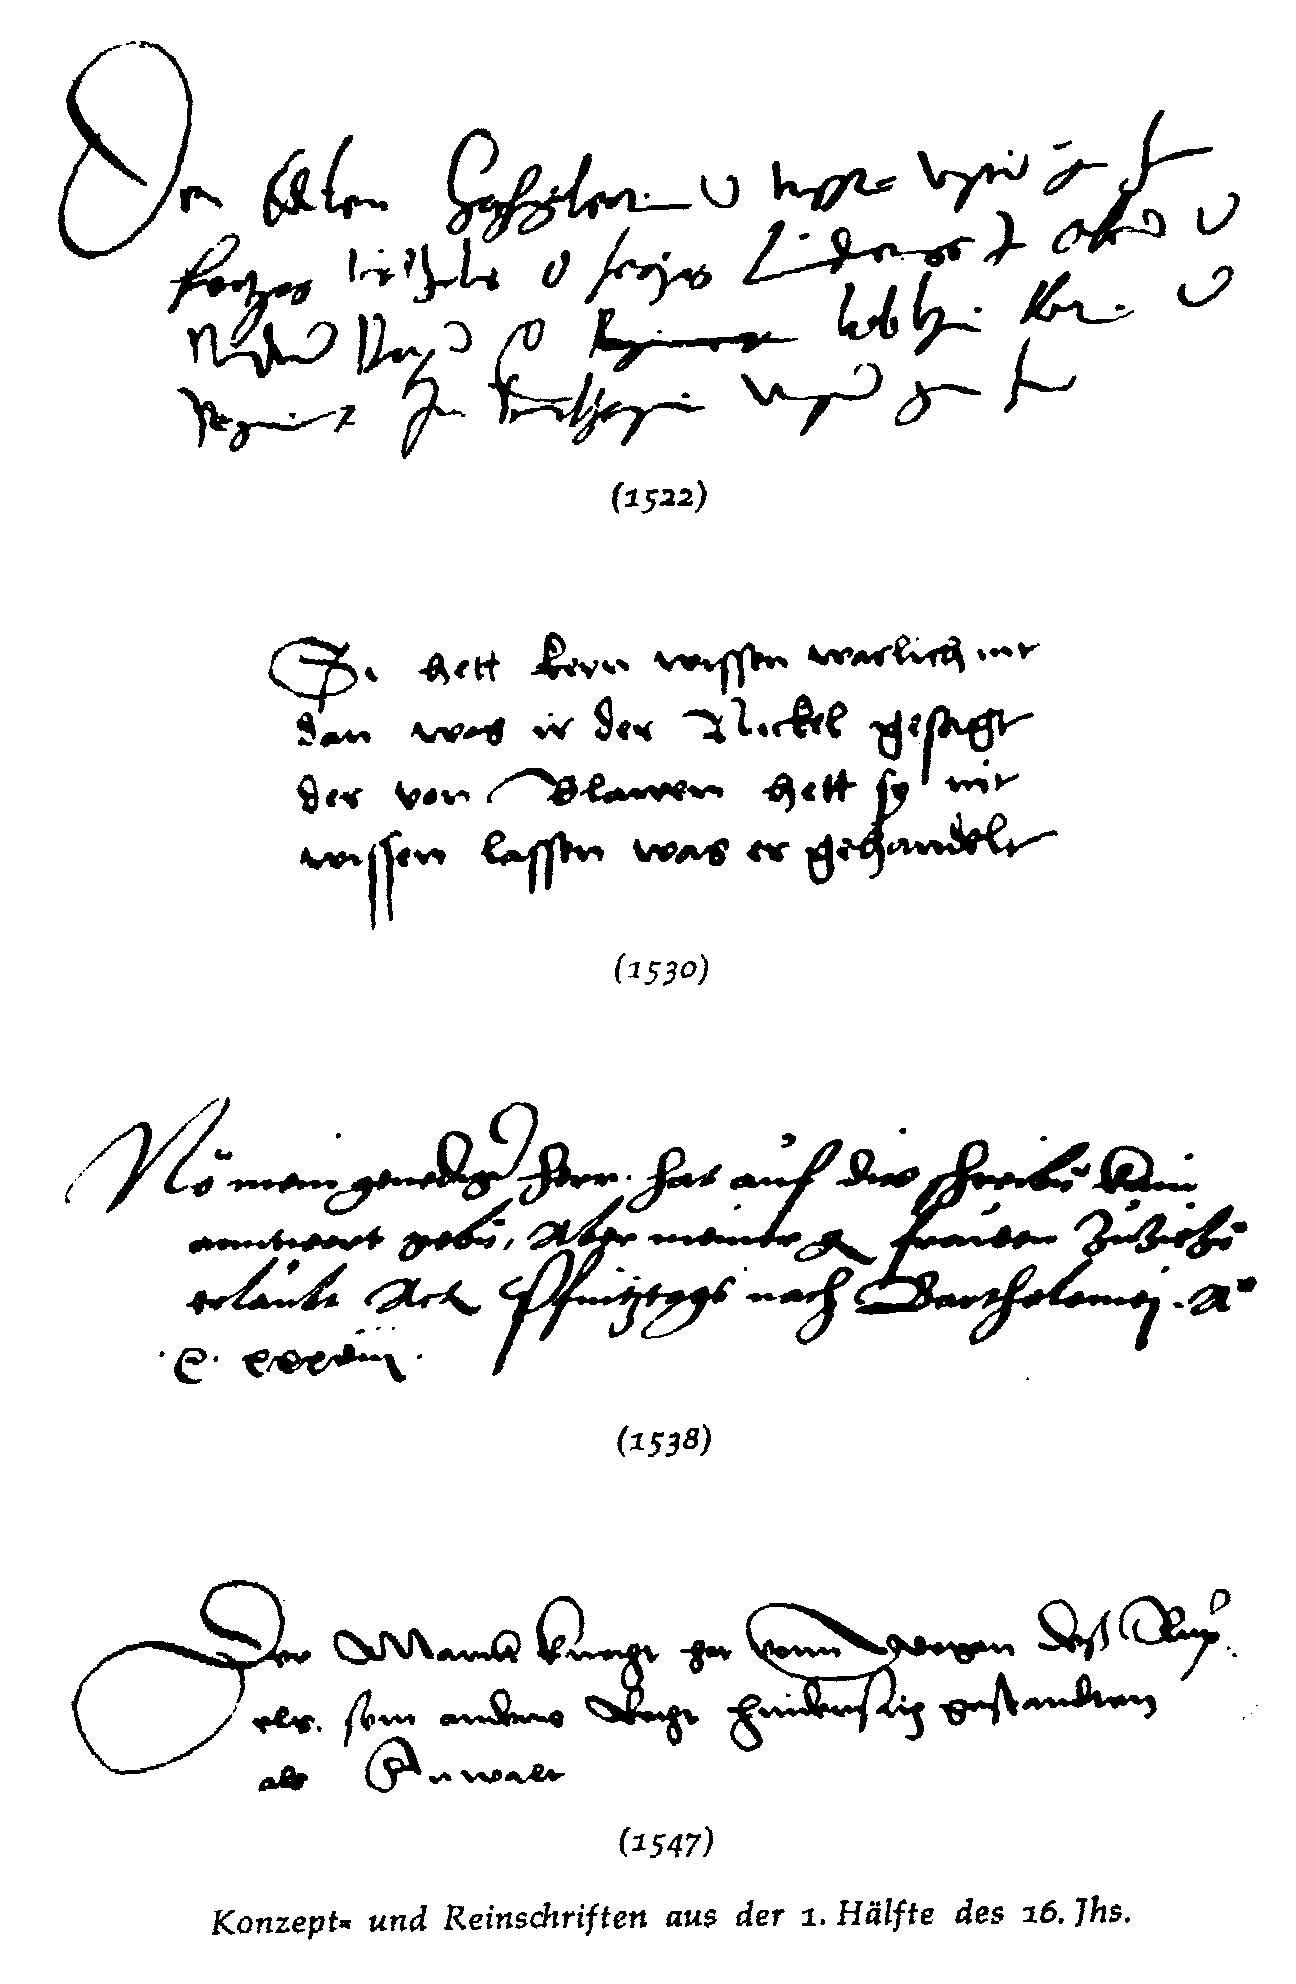 Konzept- und Reinschriften aus dem 16. Jahrhundert